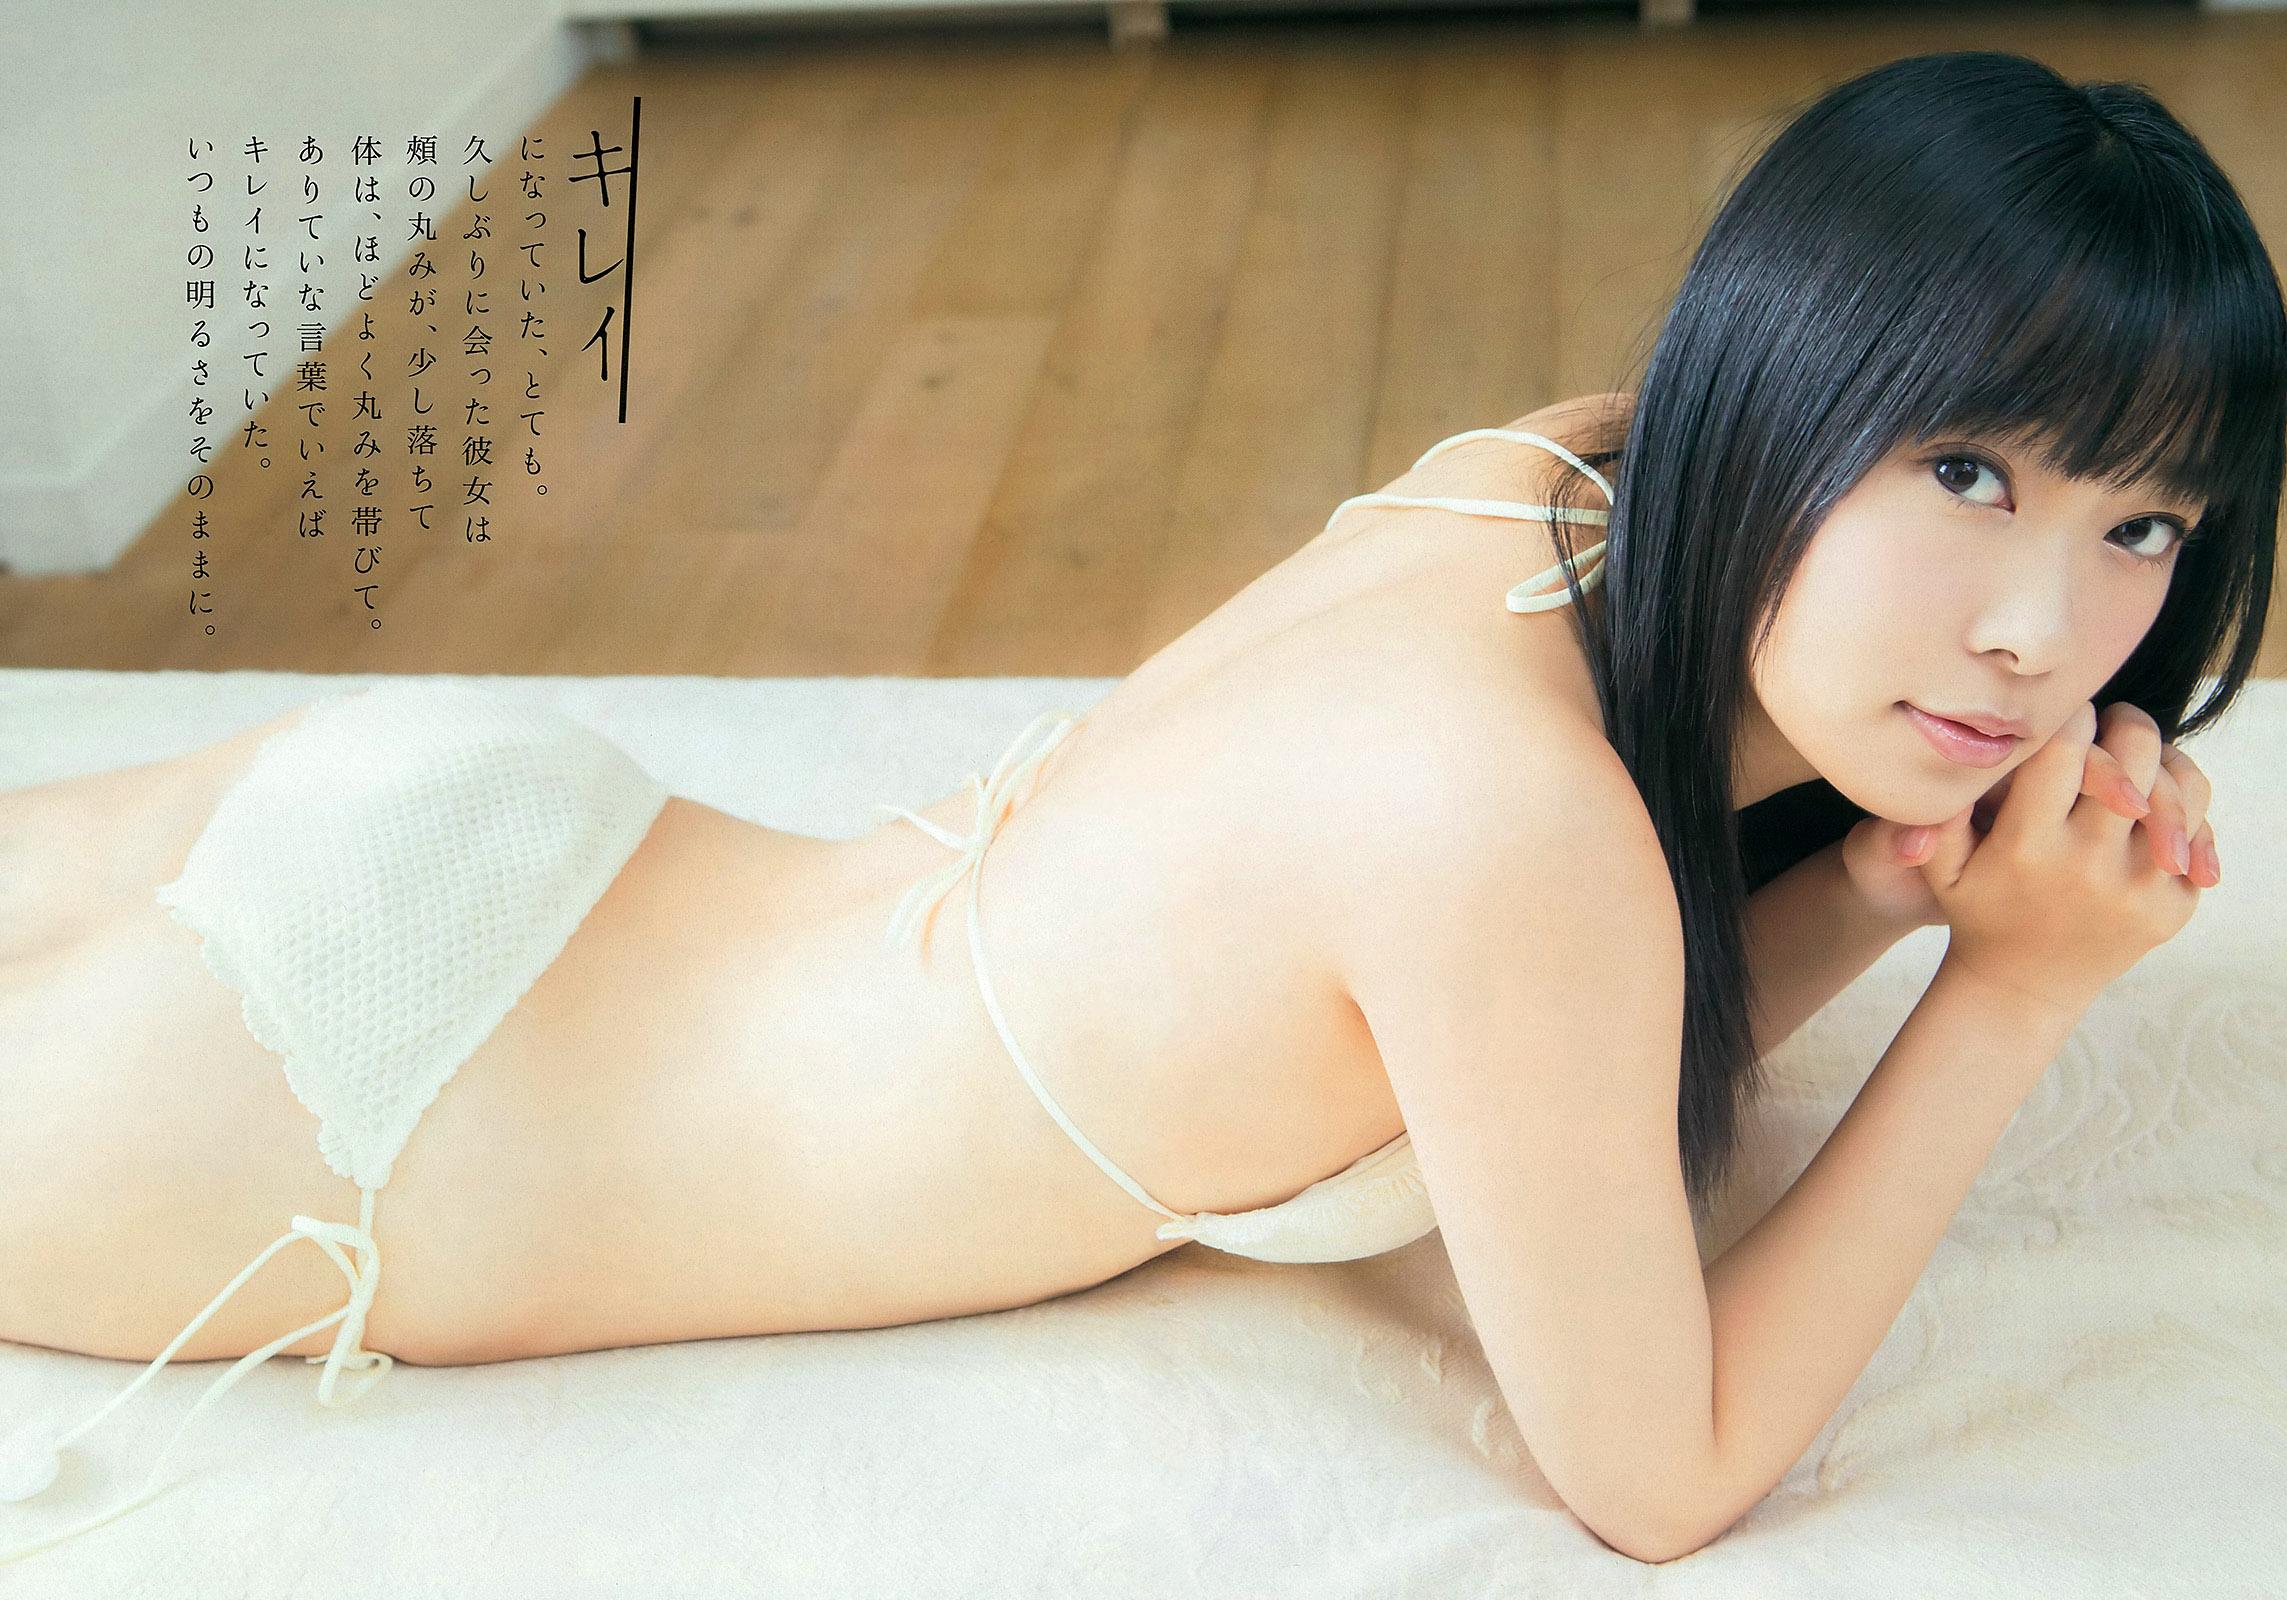 RSashihara WPB 121008 03.jpg